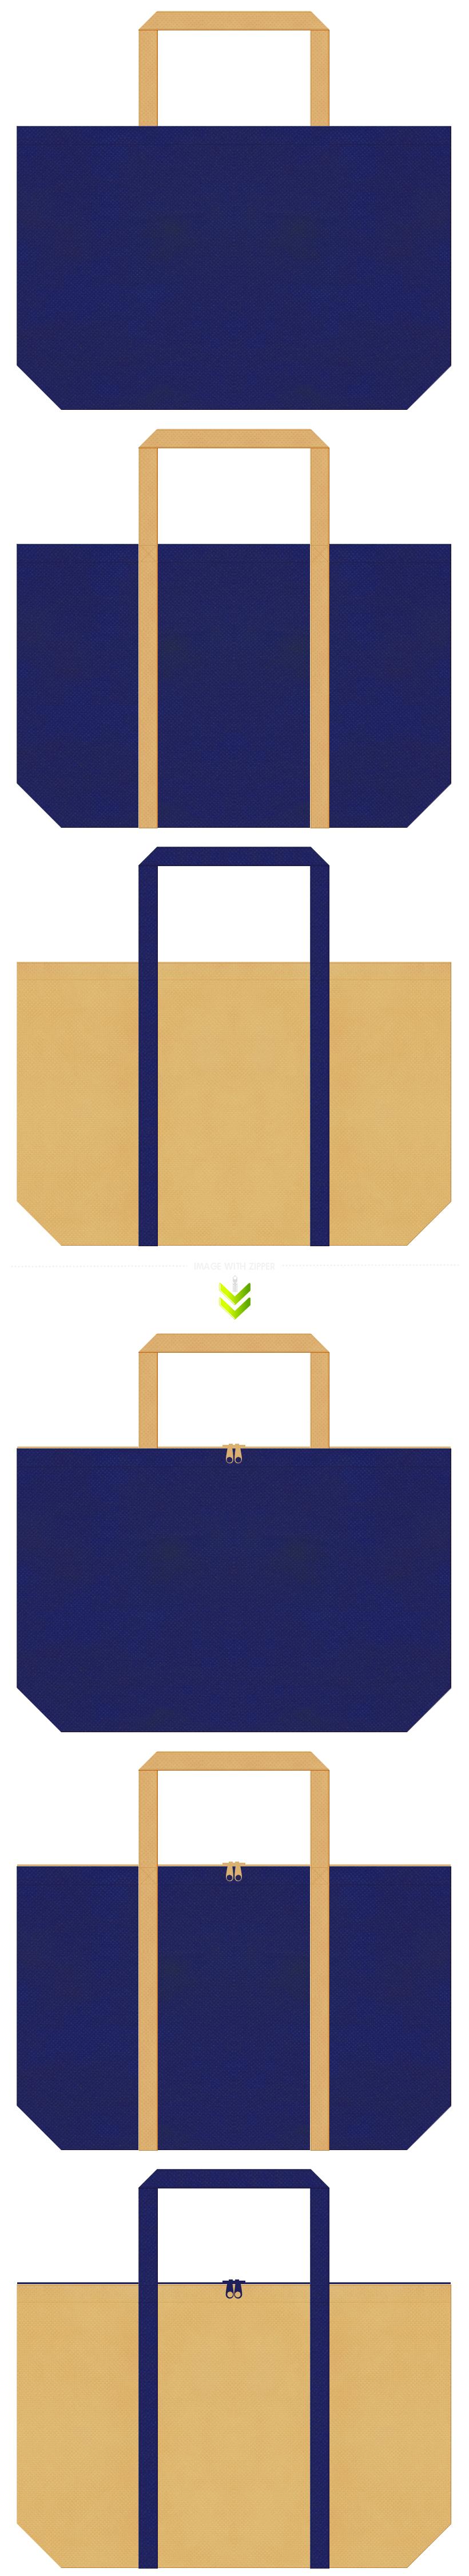 明るい紺色と薄黄土色の不織布エコバッグのデザイン。